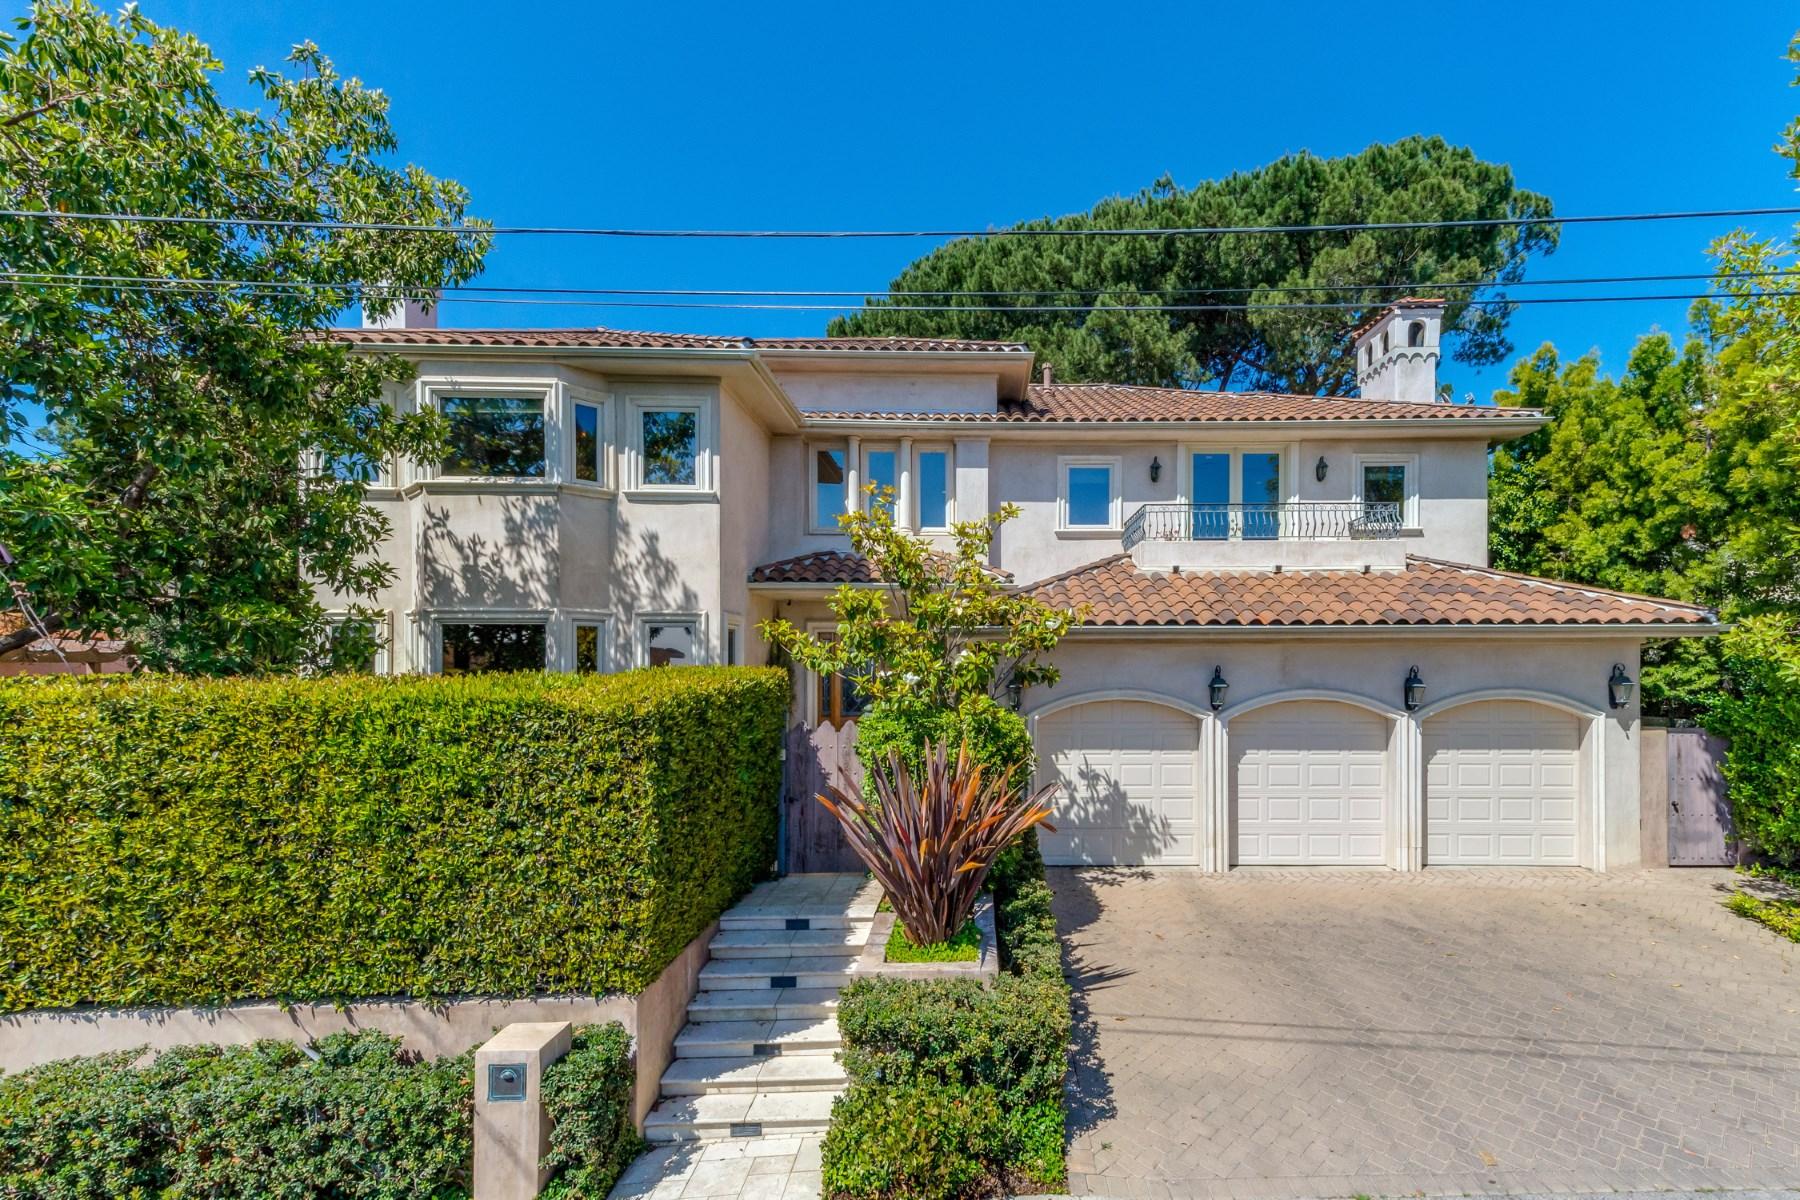 Vivienda unifamiliar por un Venta en Appian Way in Hollywood Hills 8787 Appian Way Hollywood Hills, Los Angeles, California 90046 Estados Unidos